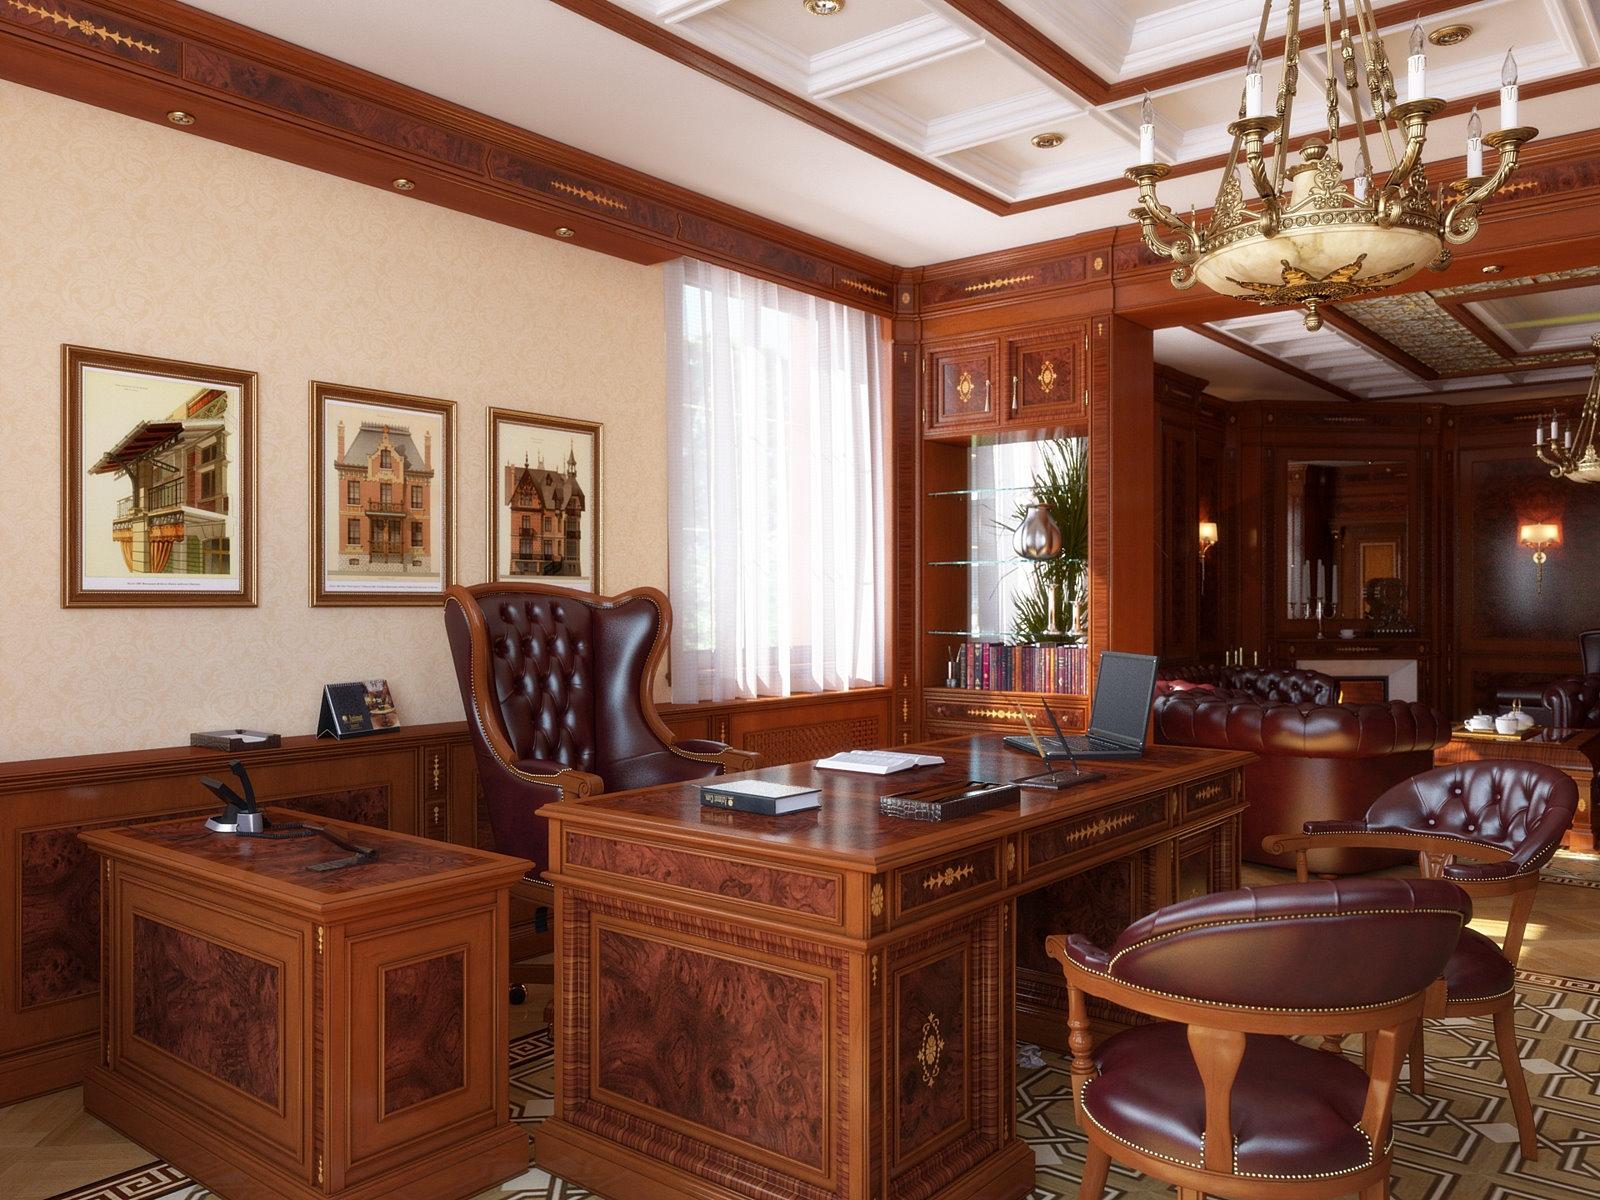 Hintergrundbilder : Zimmer, Tabelle, Holz, Küche, Innenarchitektur ...